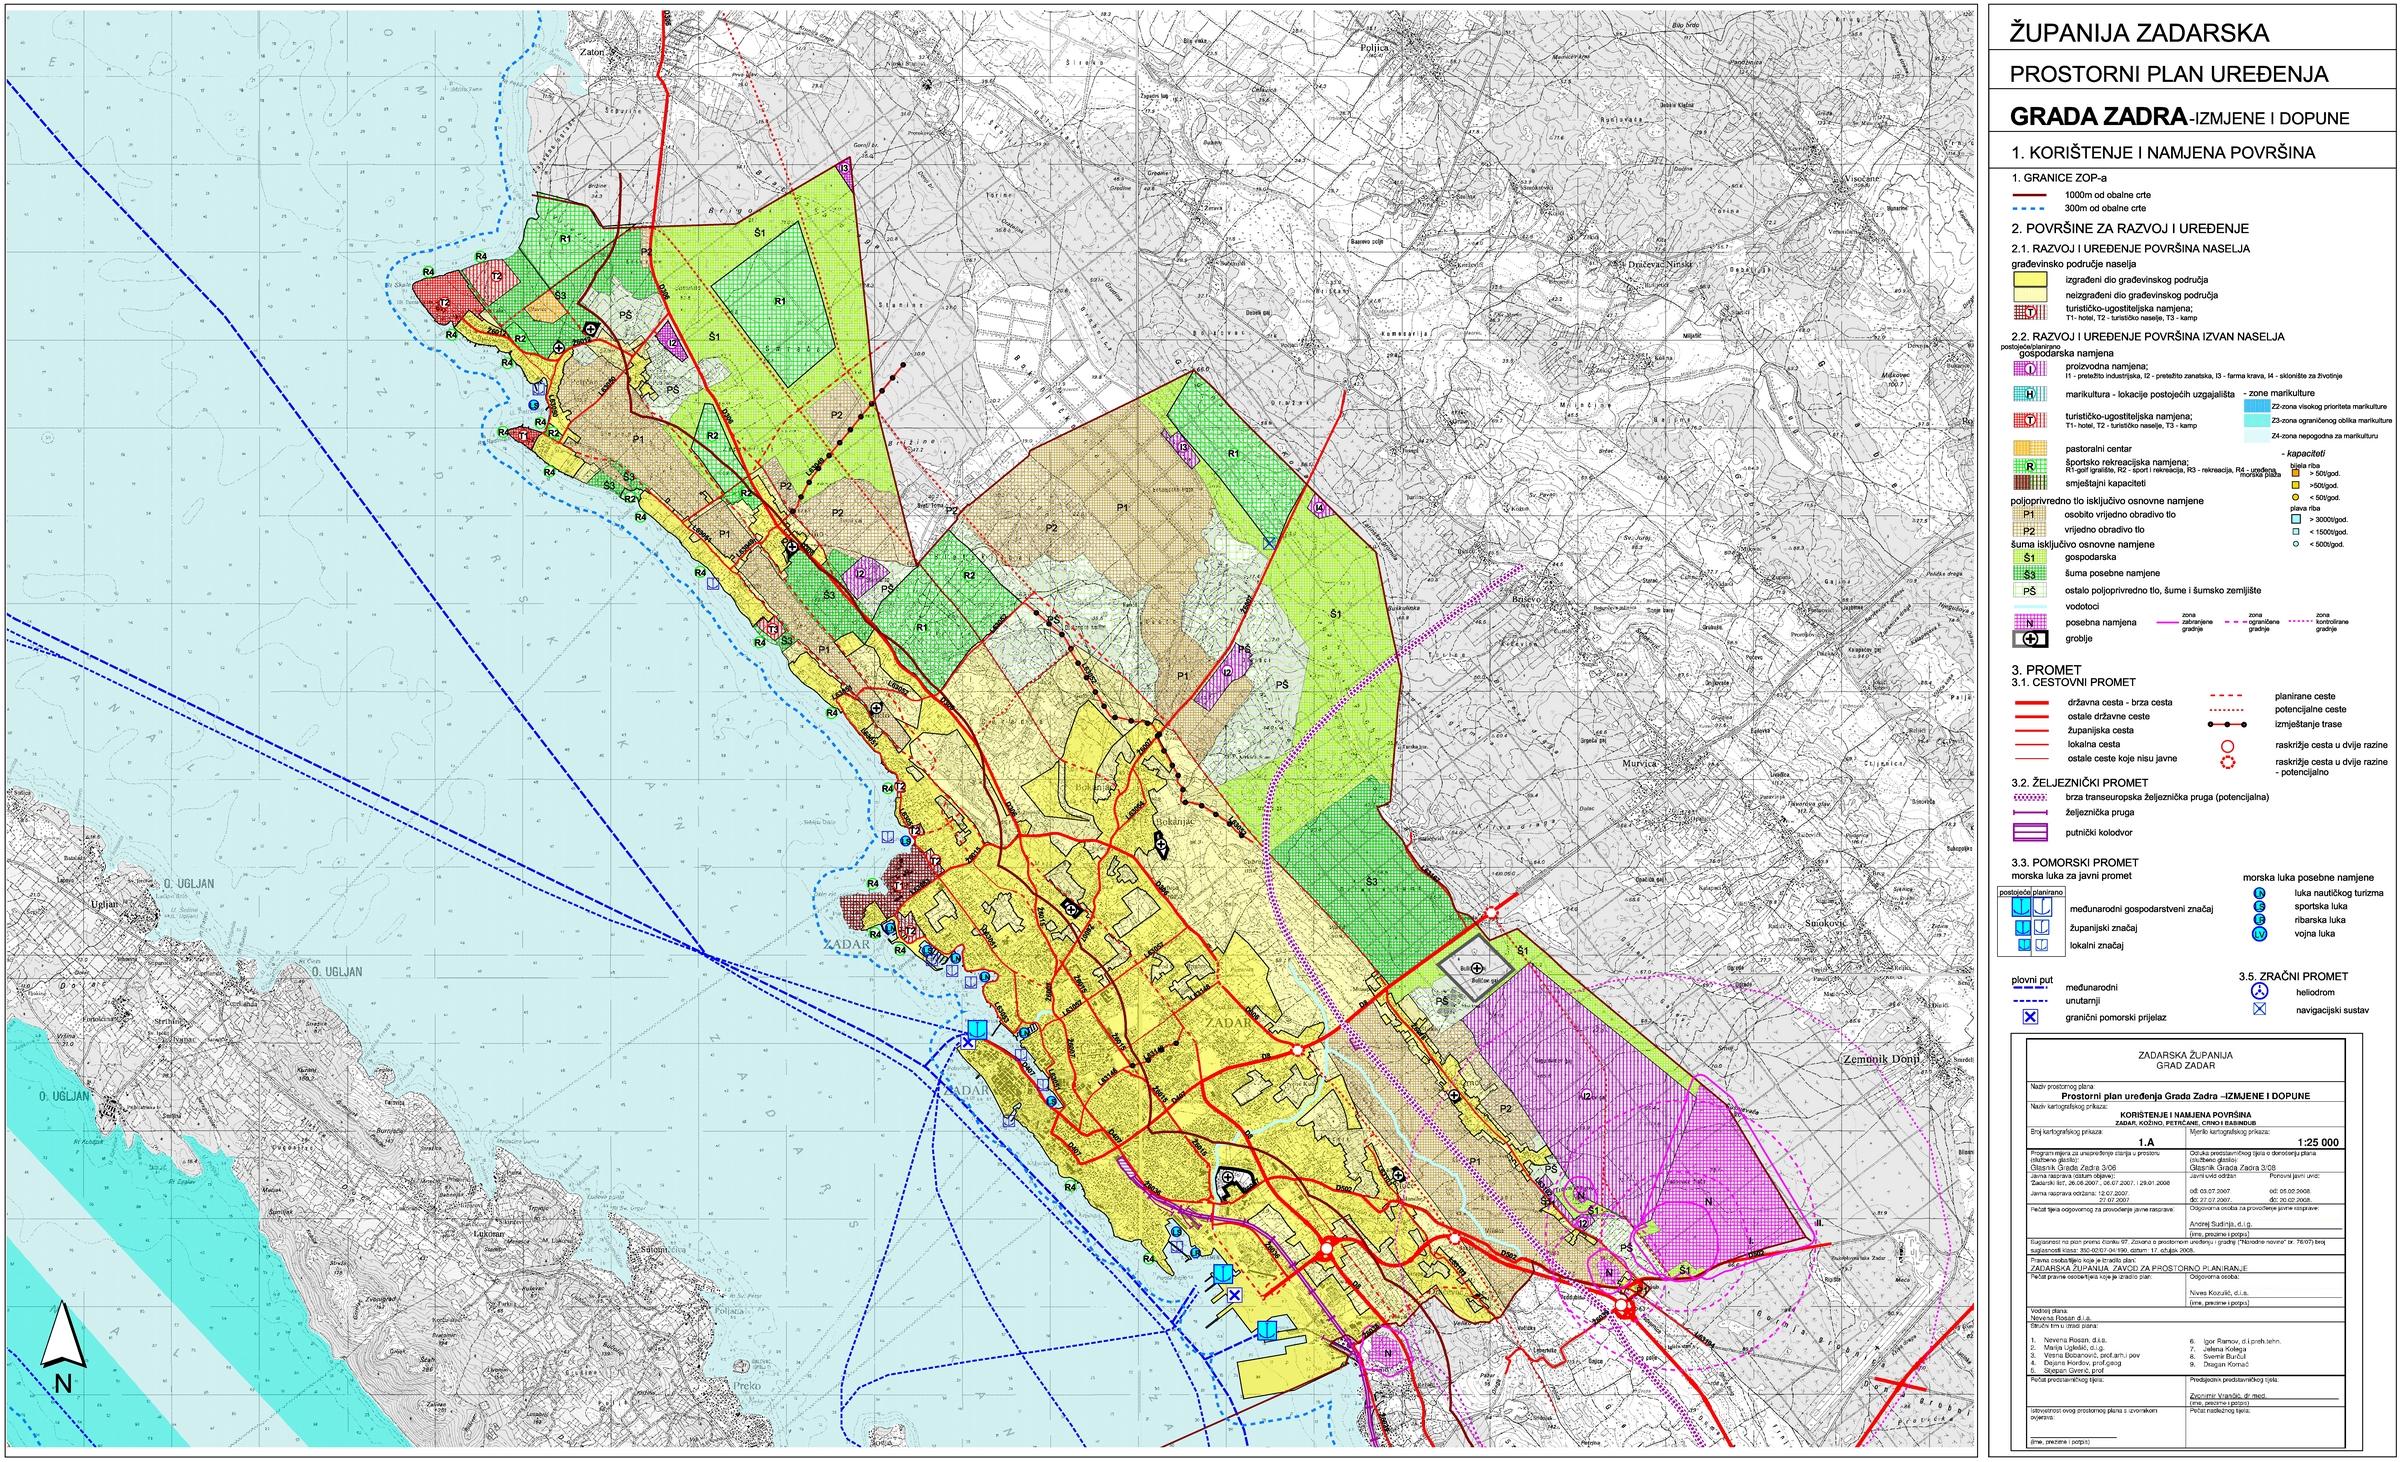 Planovi U Primjeni Grad Zadar Gradska Uprava